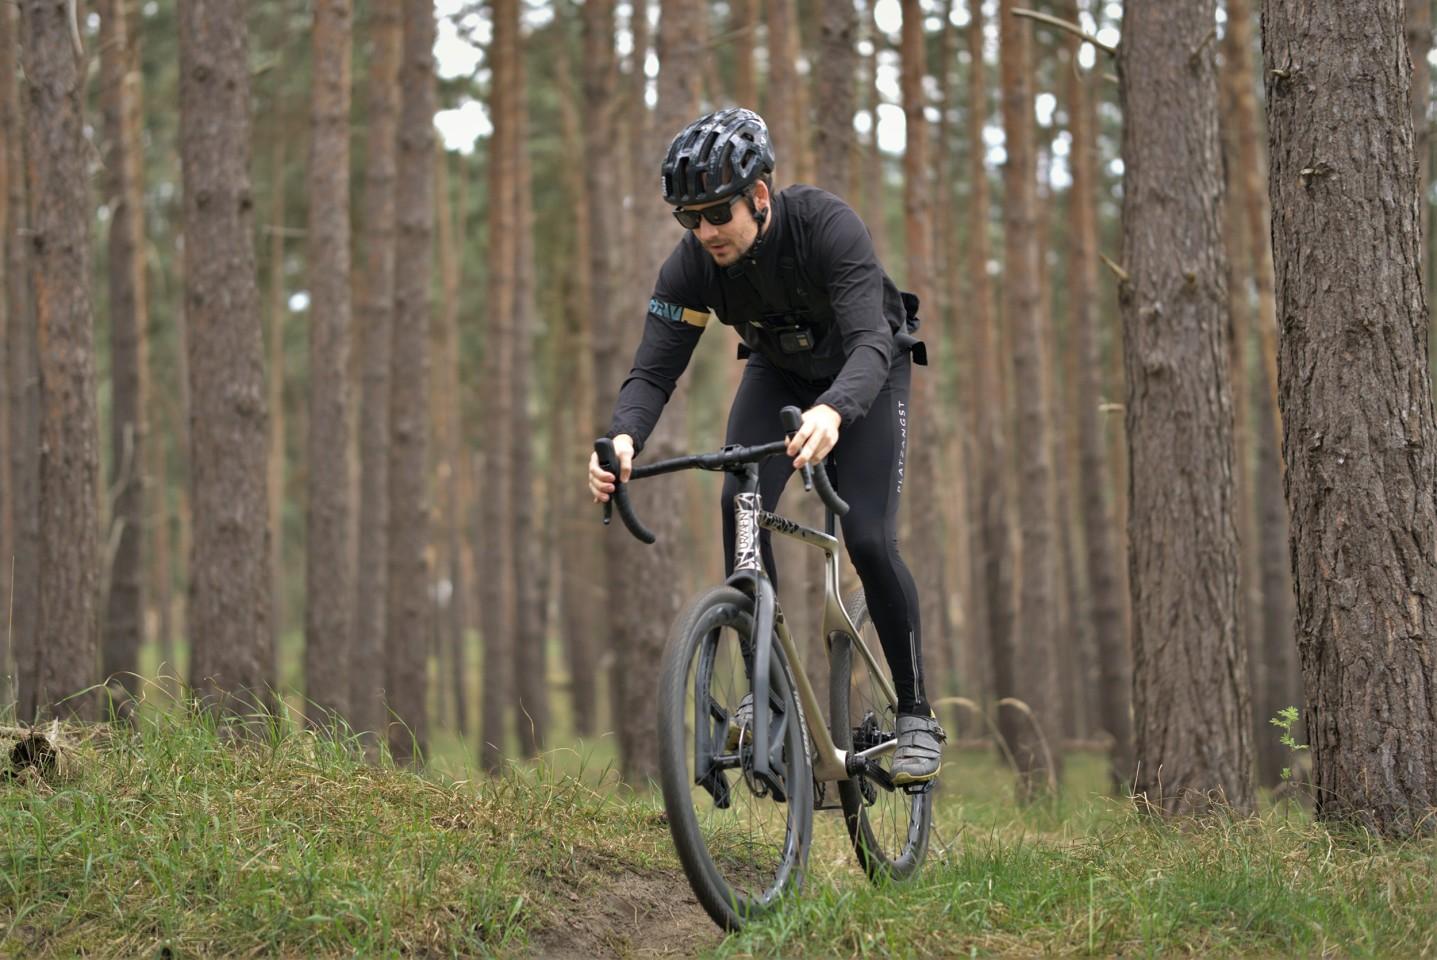 Comme les autres vélos de gravier, l'Urwahn Acros est conçu pour être utilisé sur l'asphalte lisse, les routes de gravier et les sentiers de terre